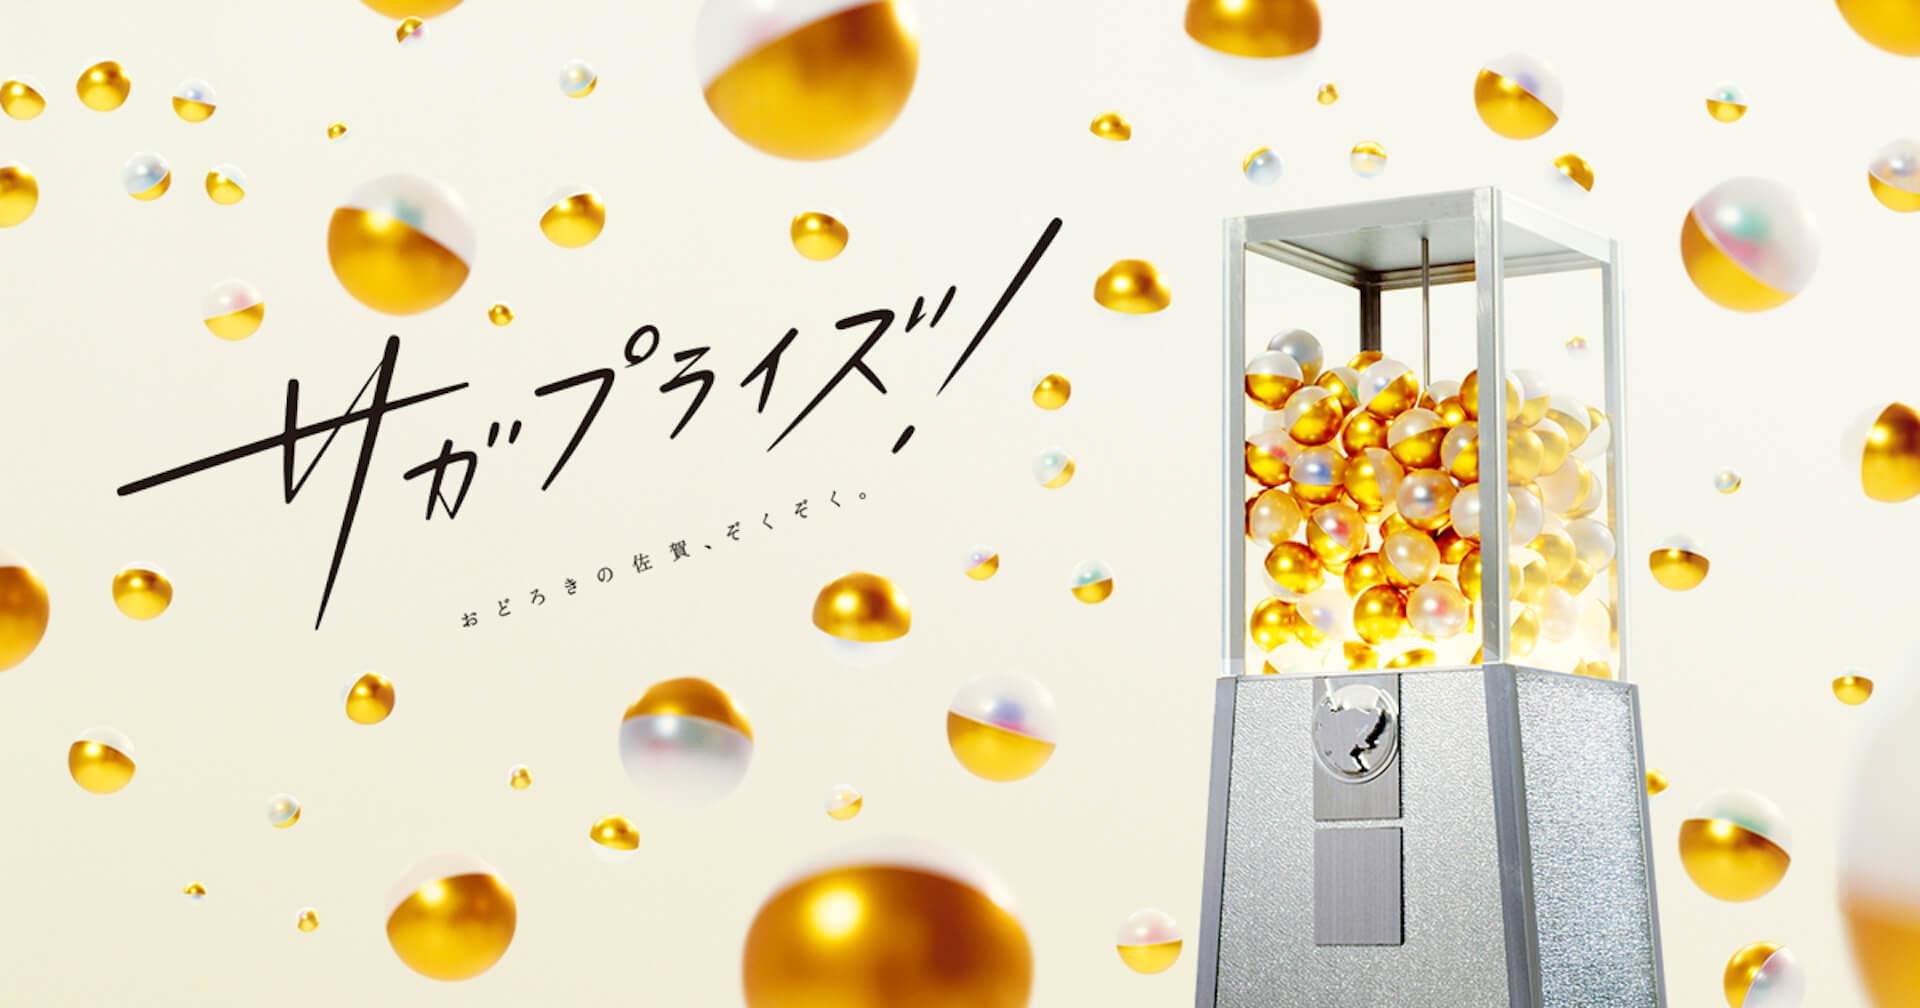 佐賀県×atmosのコラボコレクション『SAGA SAKE COLLECTION』が販売決定!オリジナルグッズや限定ラベルの日本酒なども culture2020917-atoms3